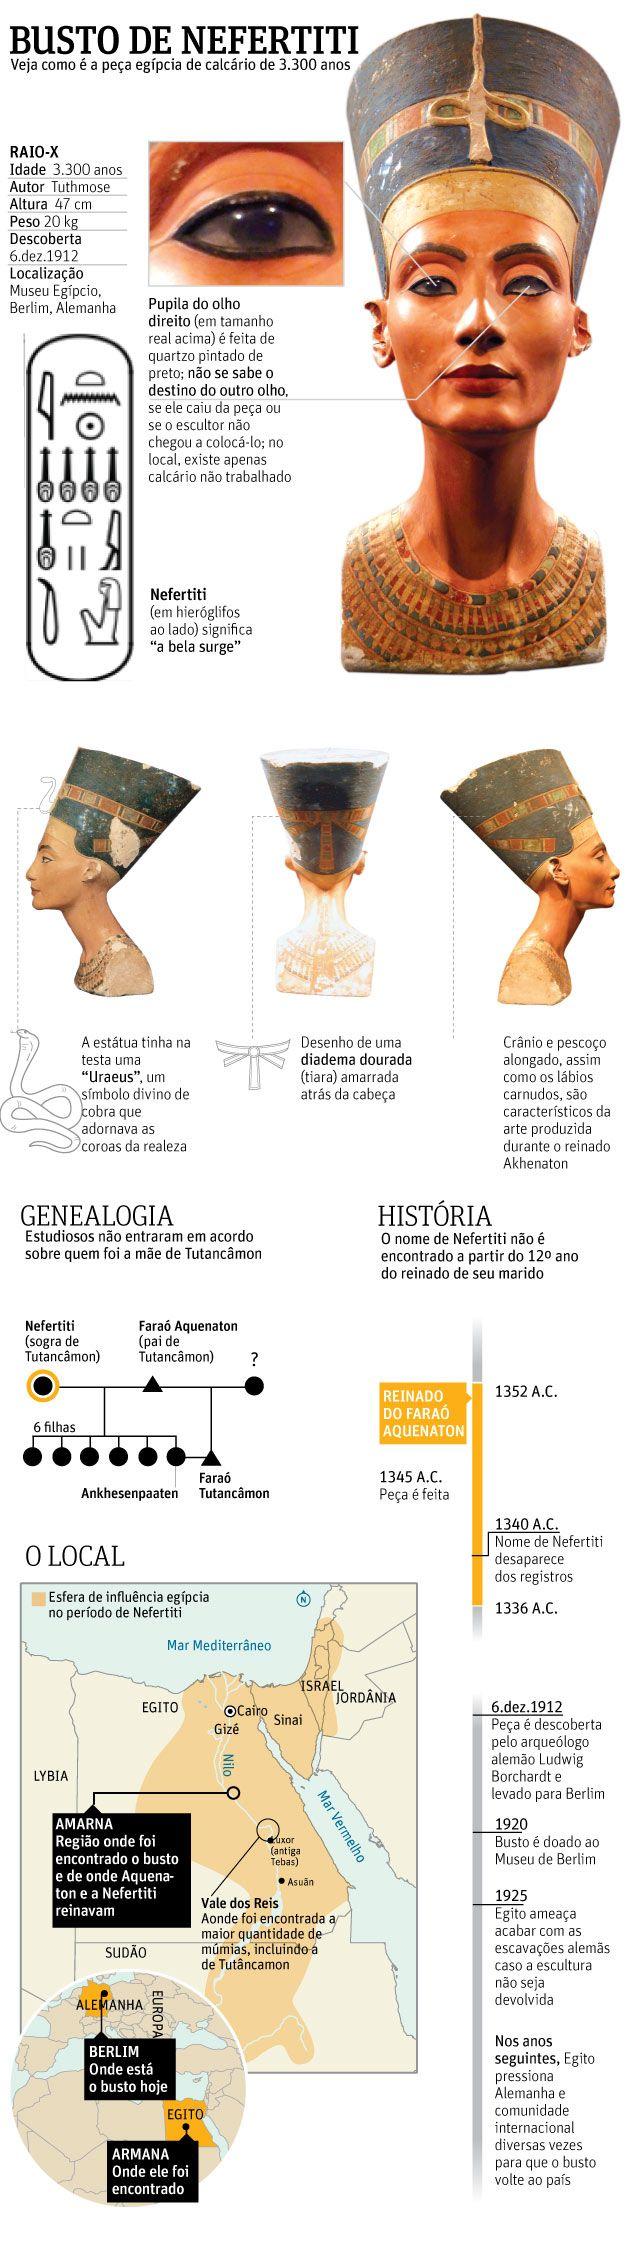 Exposição em Berlim mostra busto da rainha egípcia Nefertiti - 10/12/2012